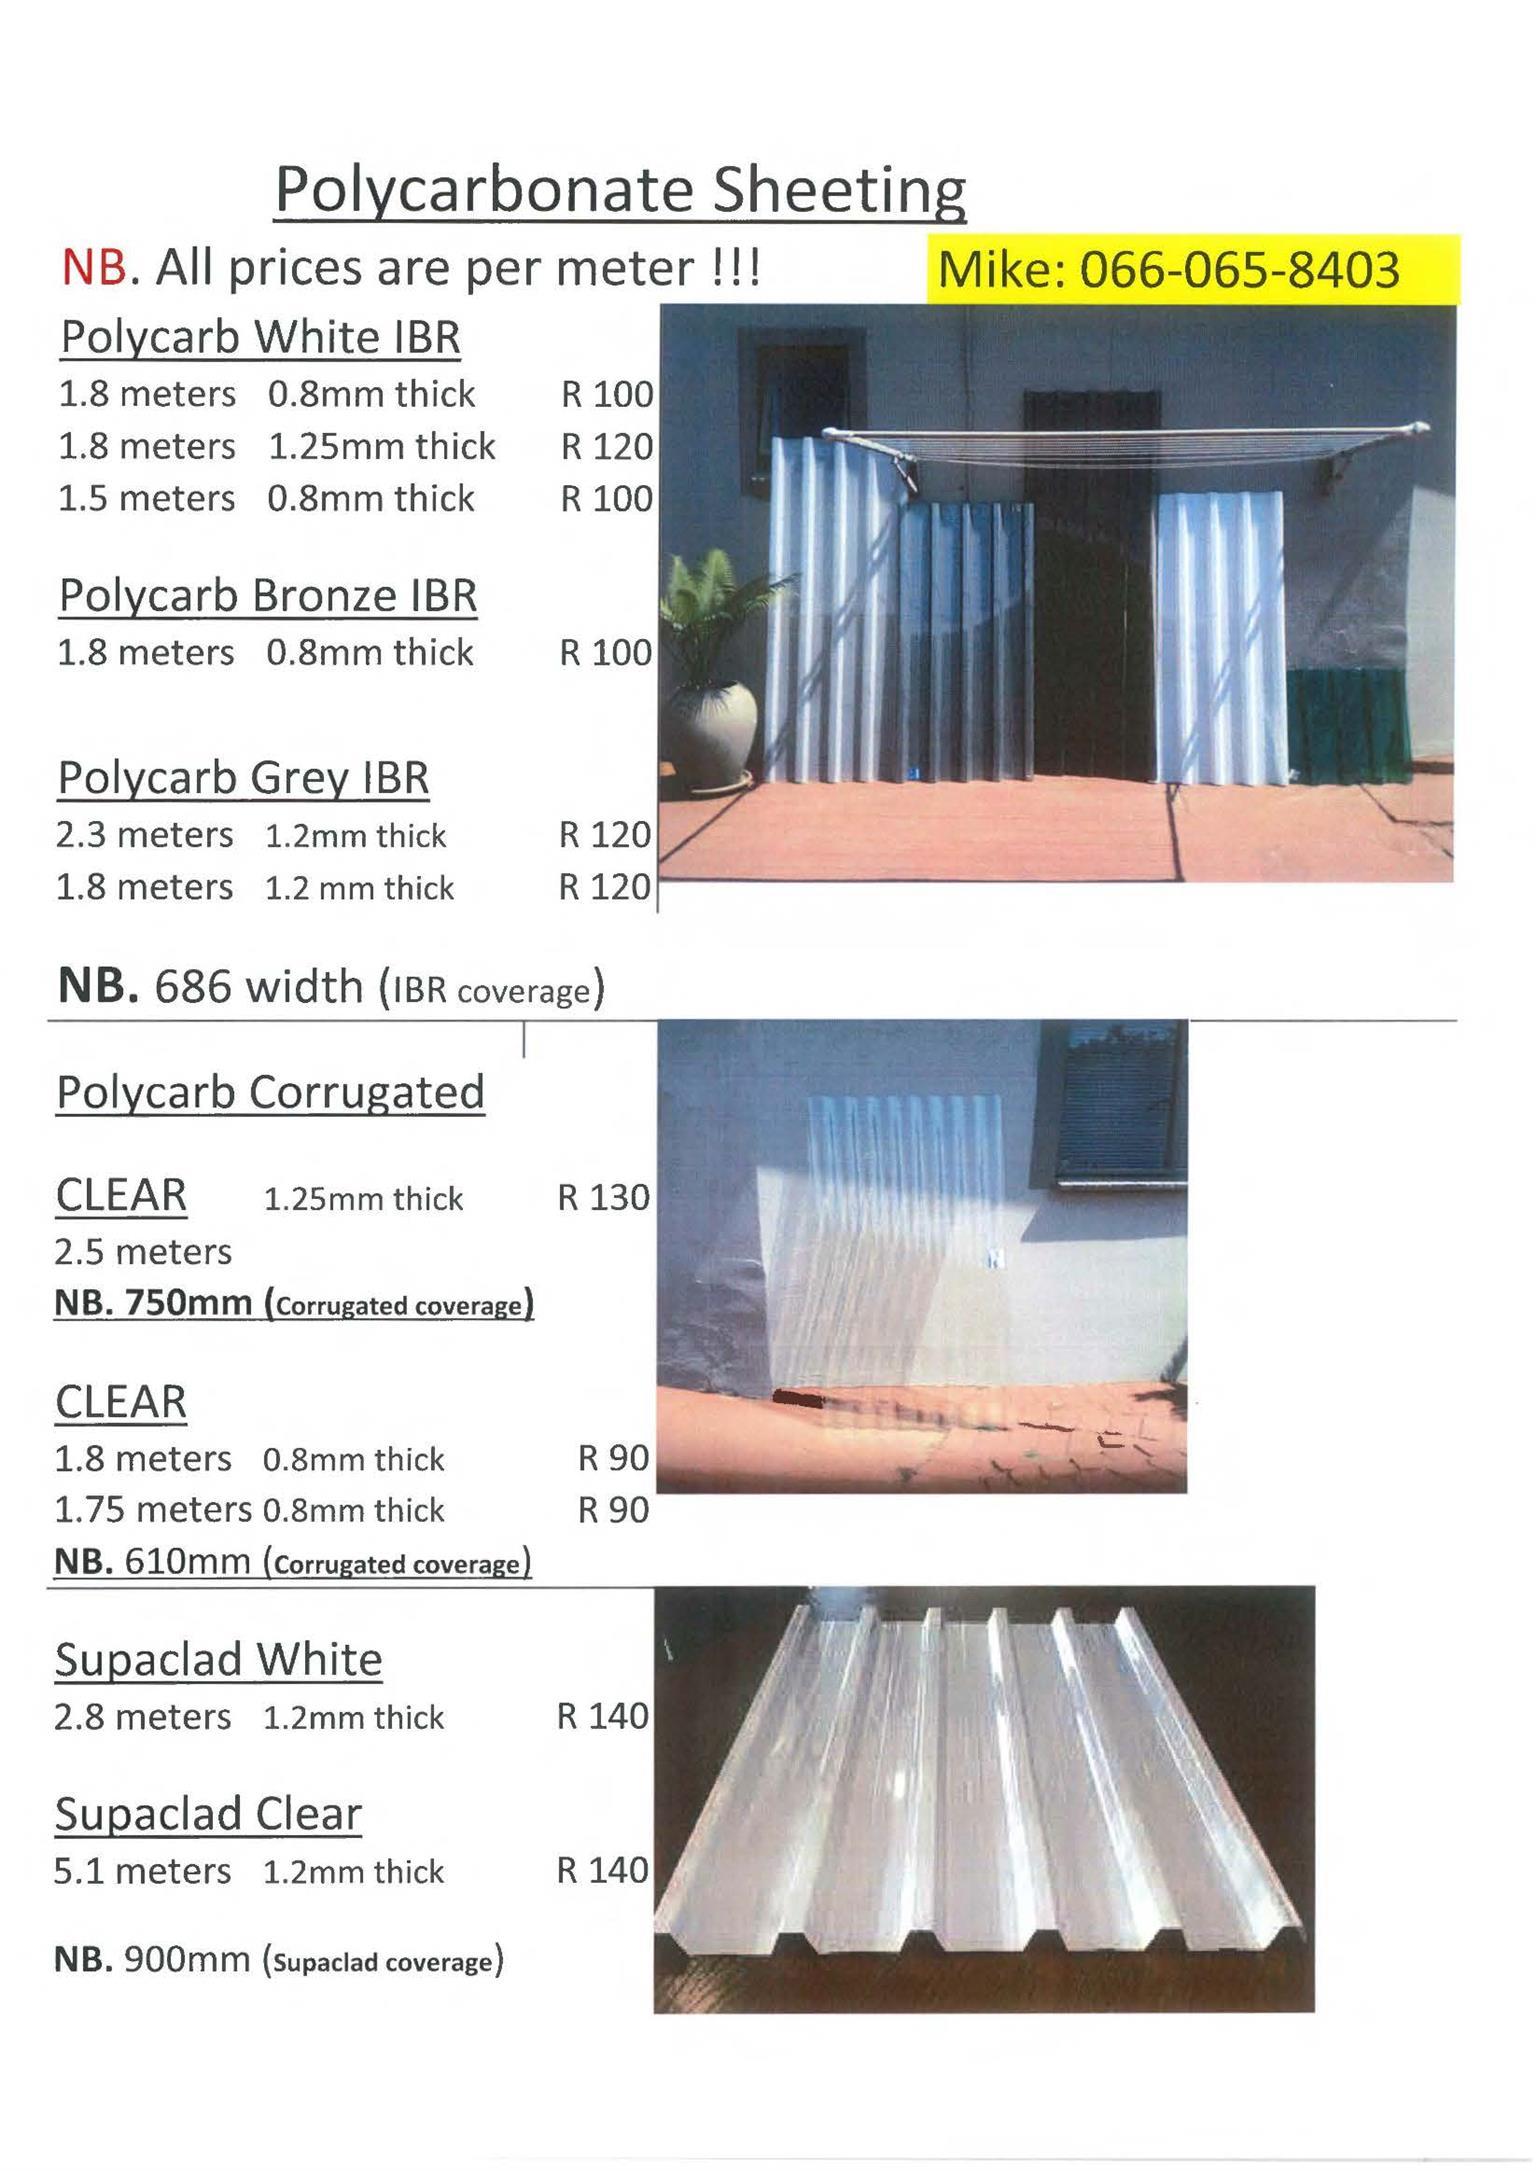 Fibreglass sheeting